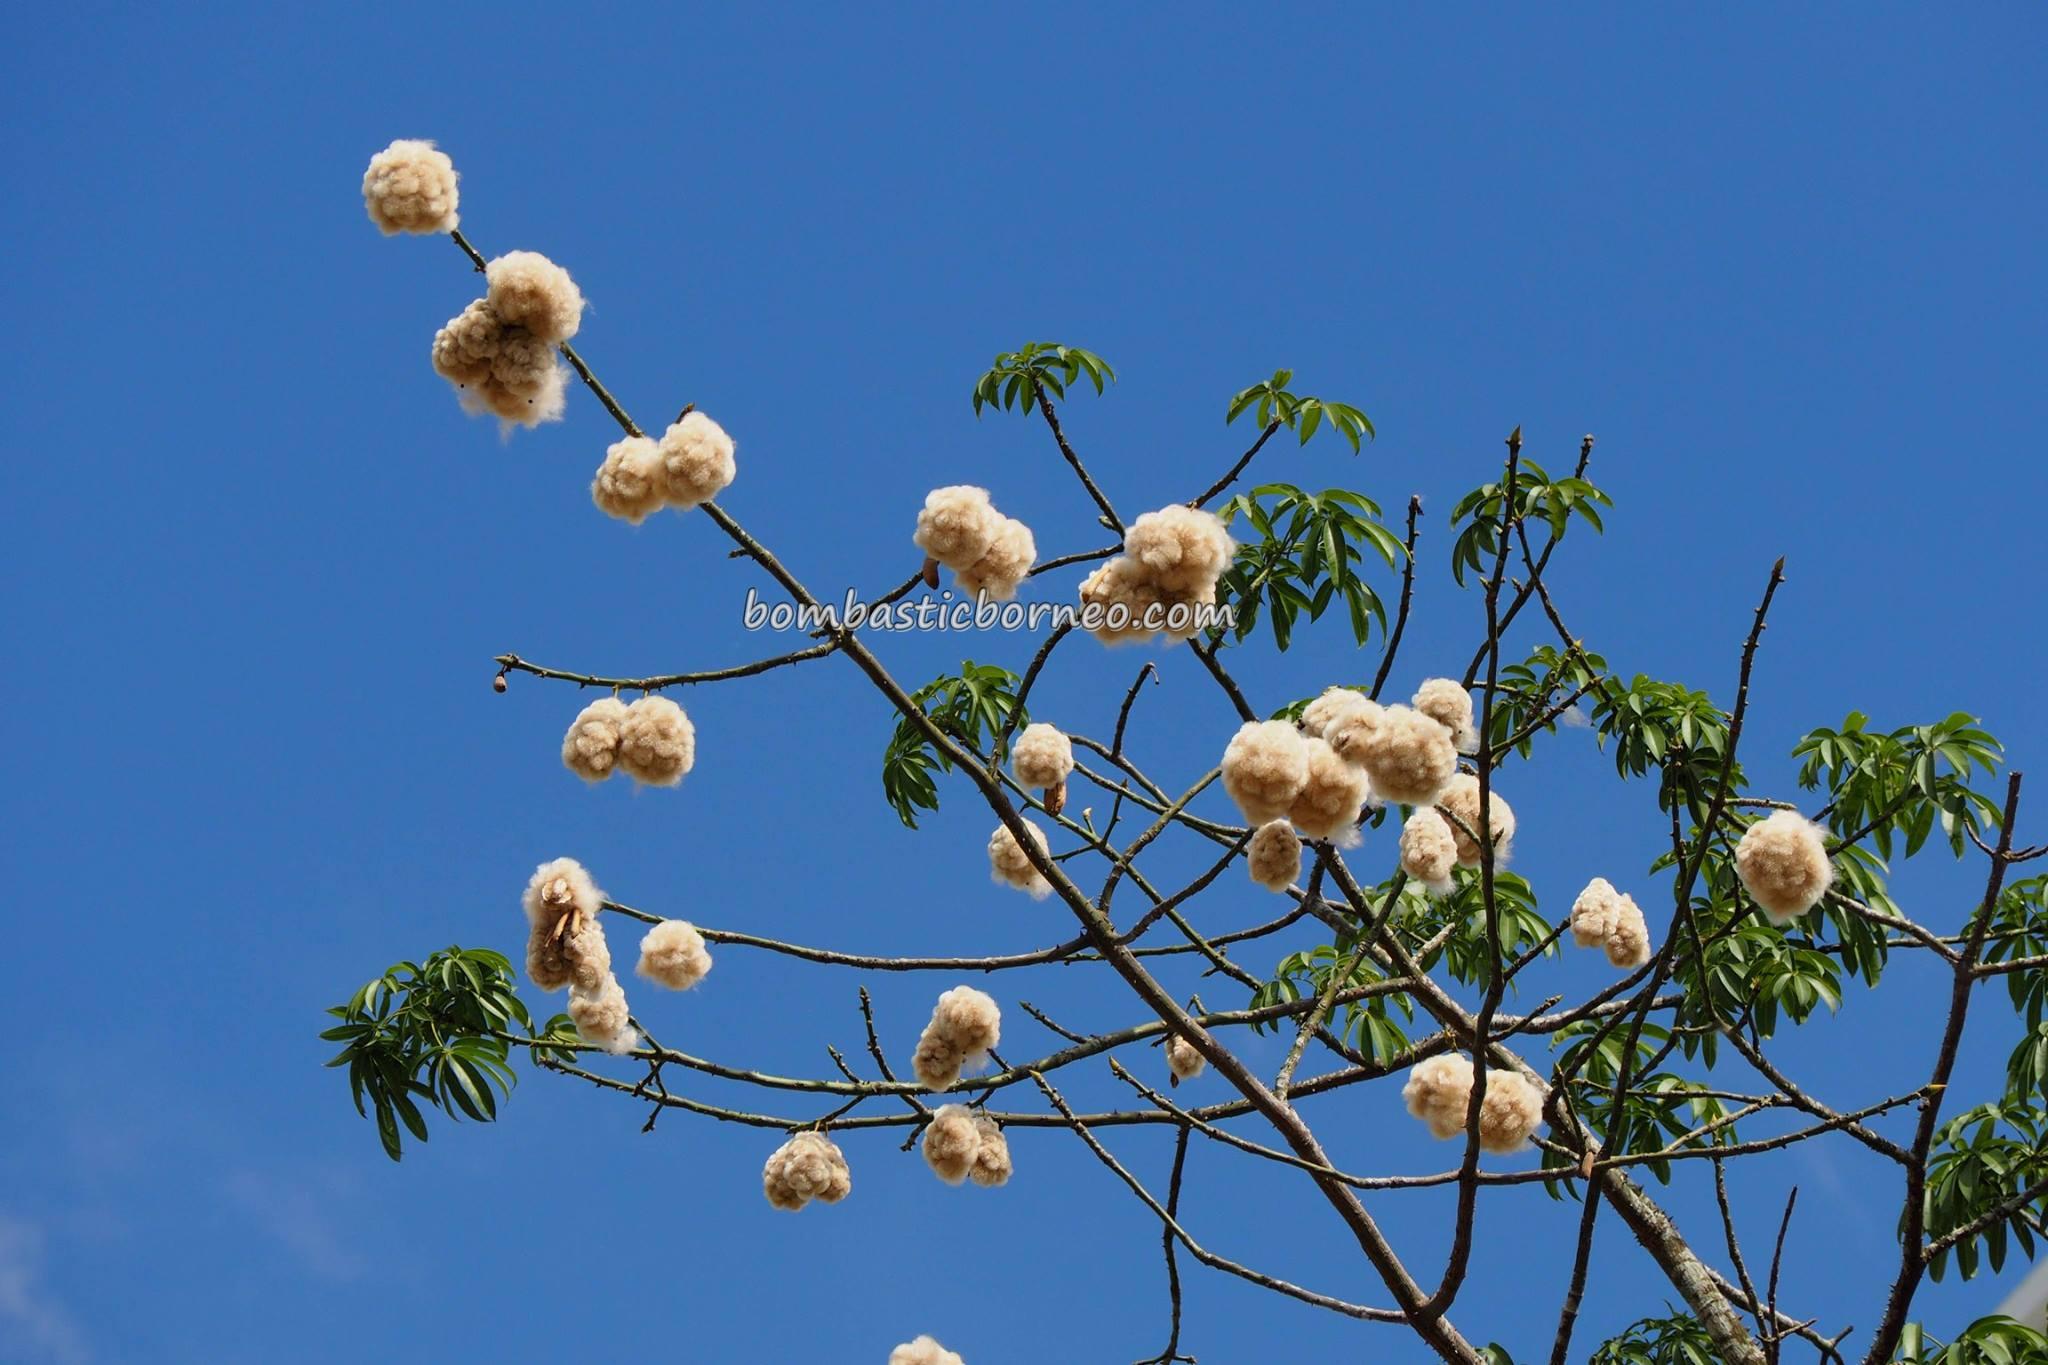 Silk Cotton Tree blooming in Kuching, Sarawak 古晉沙捞越丝